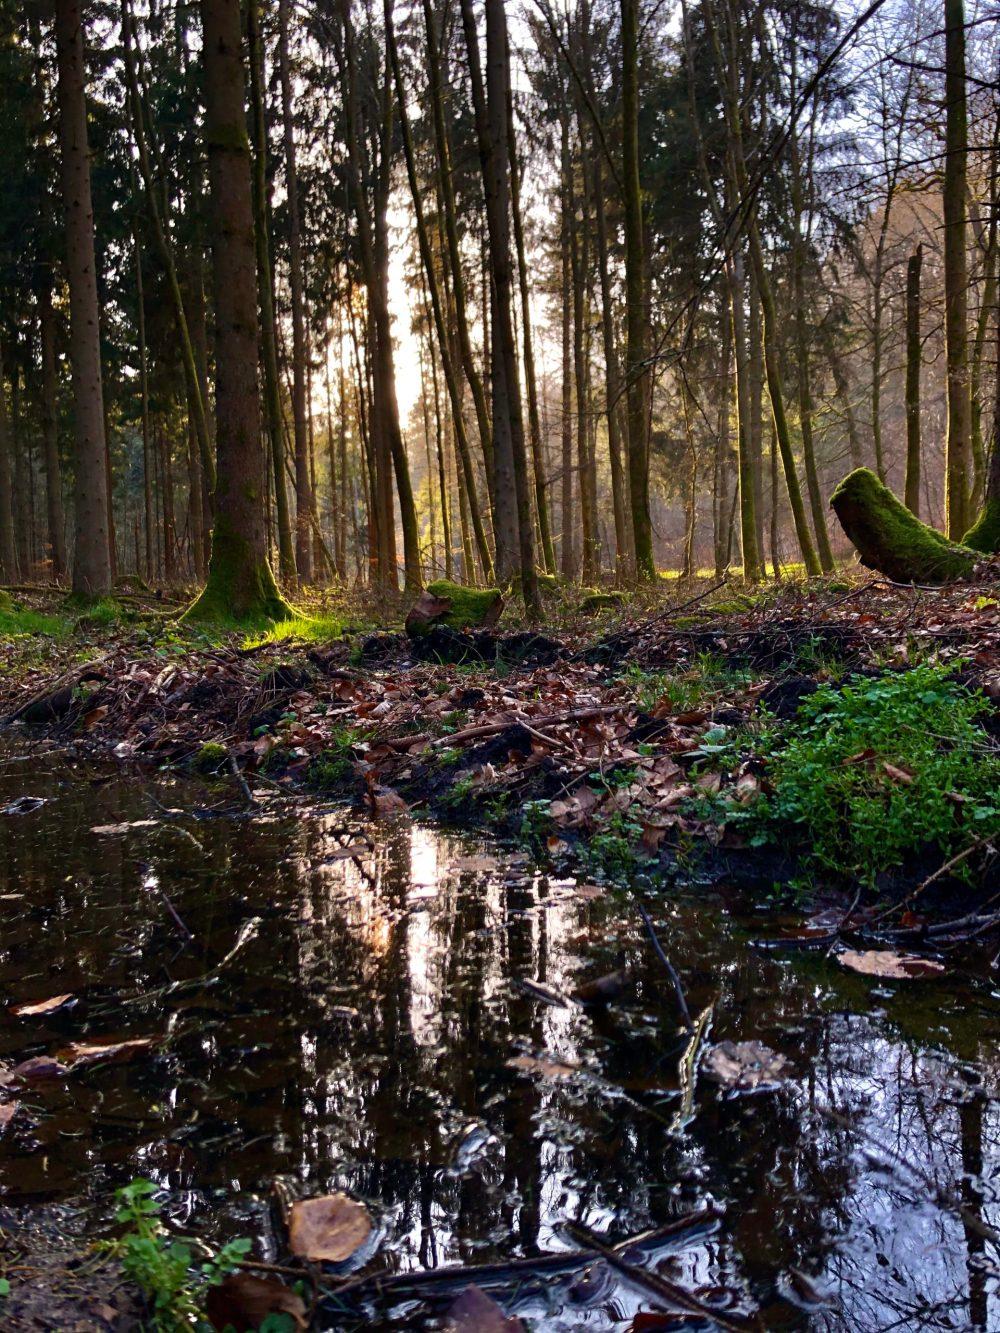 Fluss im Wald, vor Bäumen durch die die Sonne strahlt